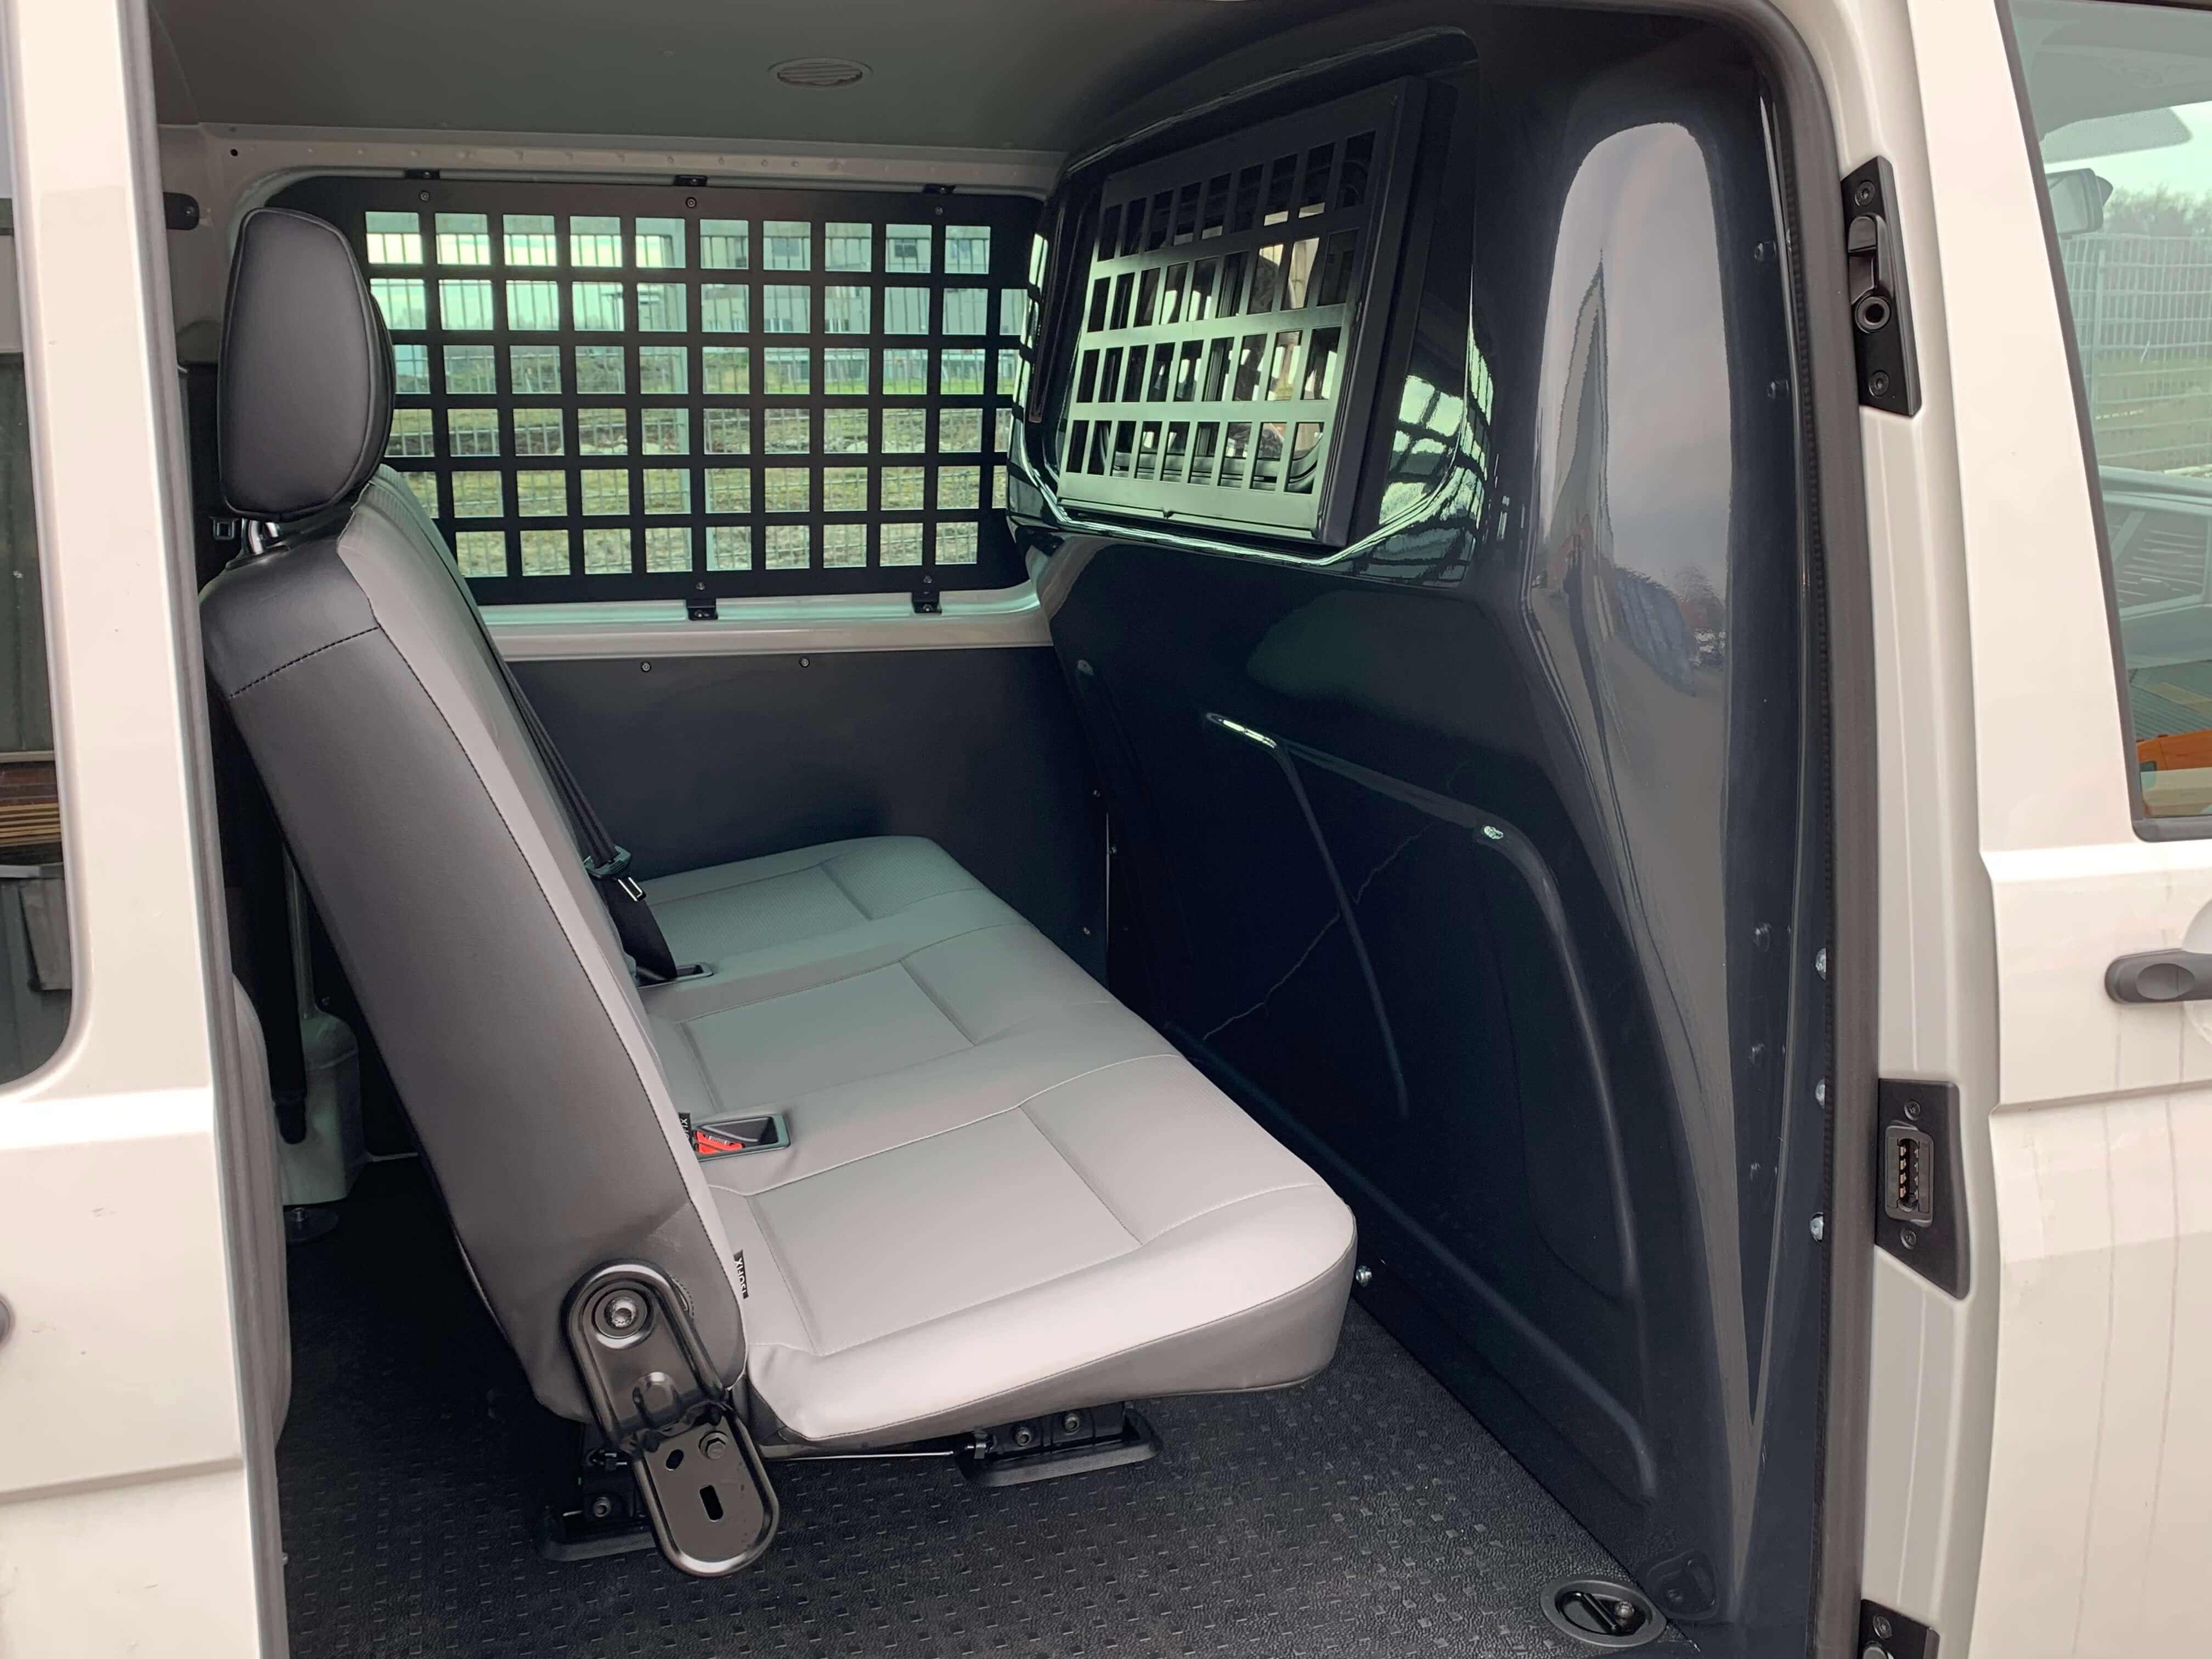 Volkswagen Transporter T6.1 Kombi mit Ausbau zum Gefangenentransporter (1)